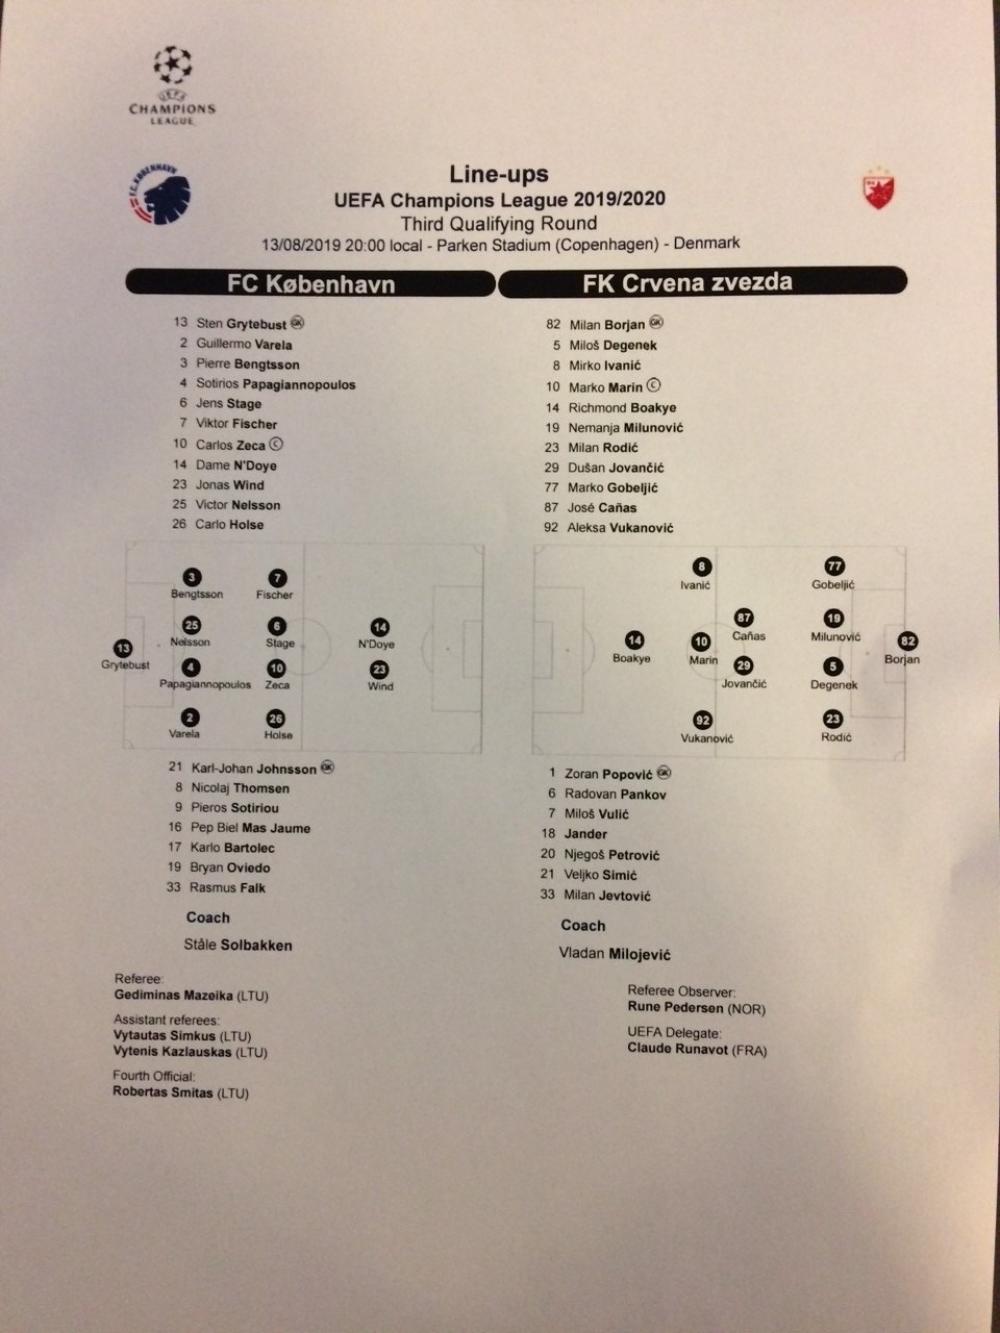 Kopenhagen - Crvena zvezda, sastavi ekipa